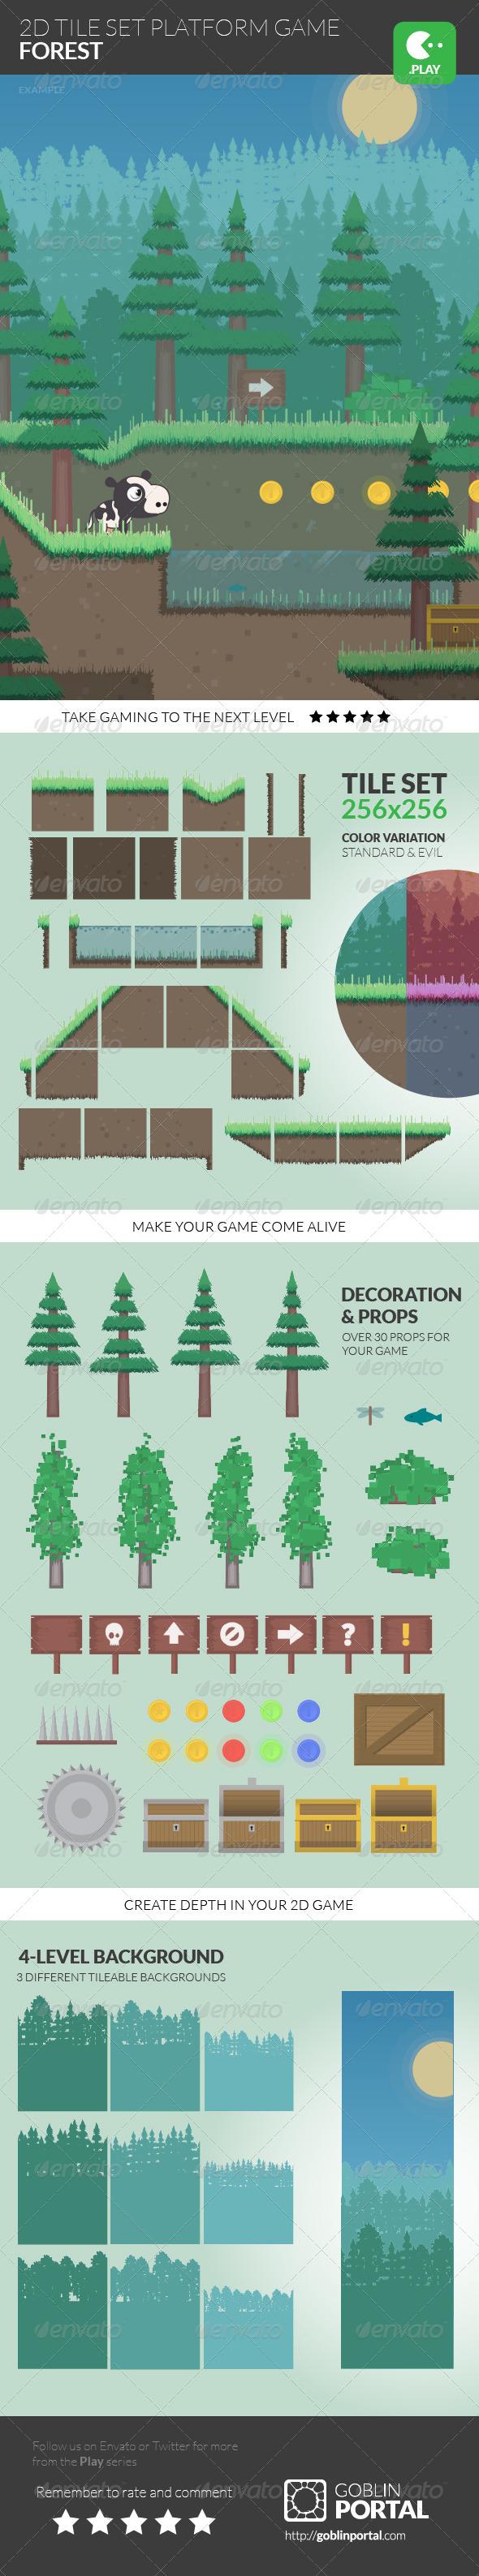 GraphicRiver 2D Tile Set Platform Game 8567592